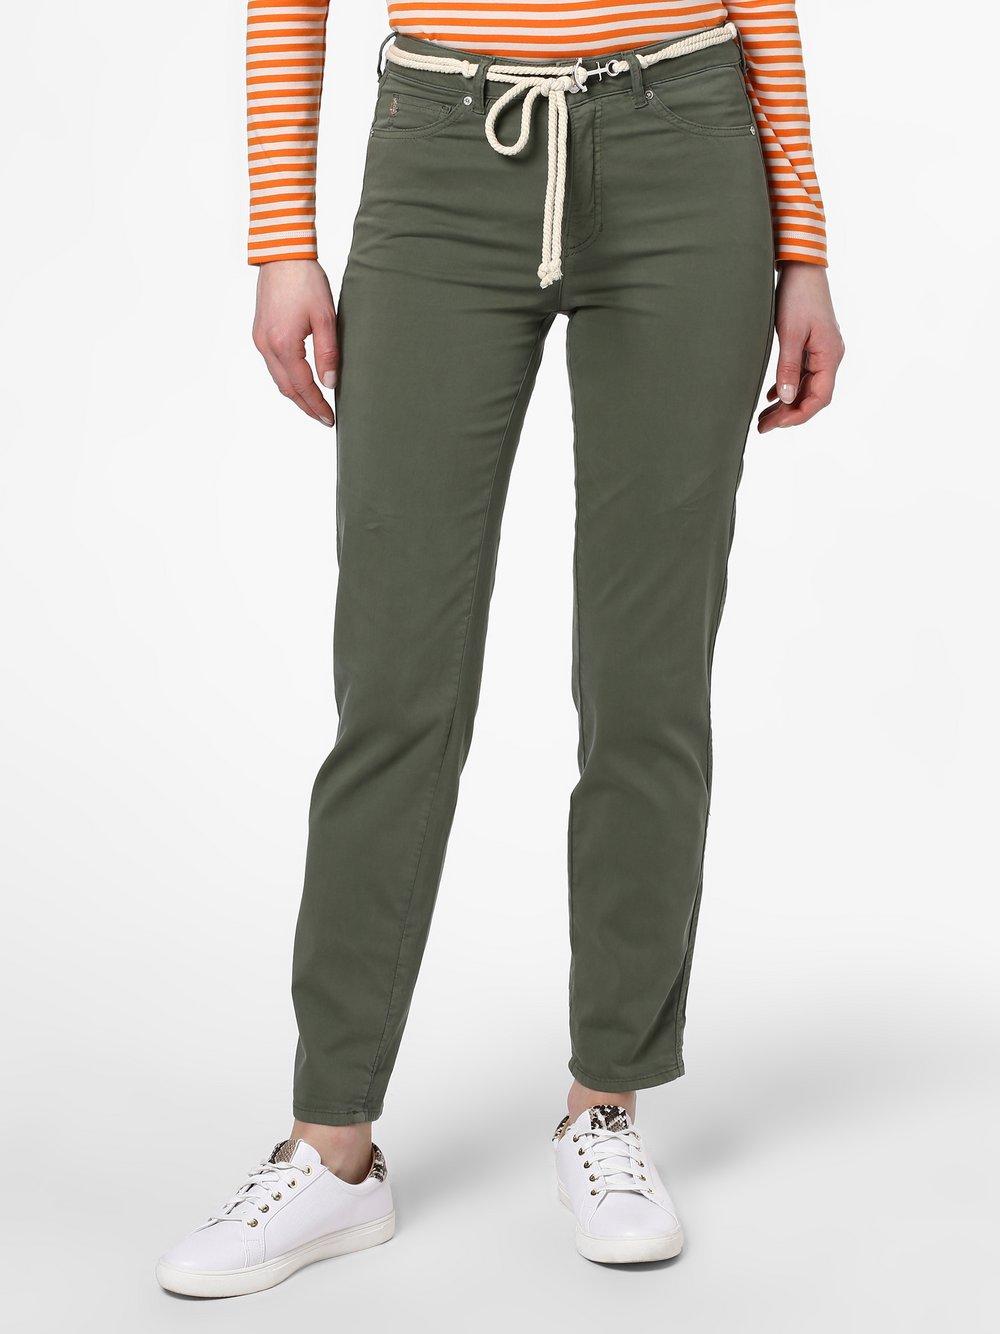 Rosner - Spodnie damskie – Mila_002G, zielony